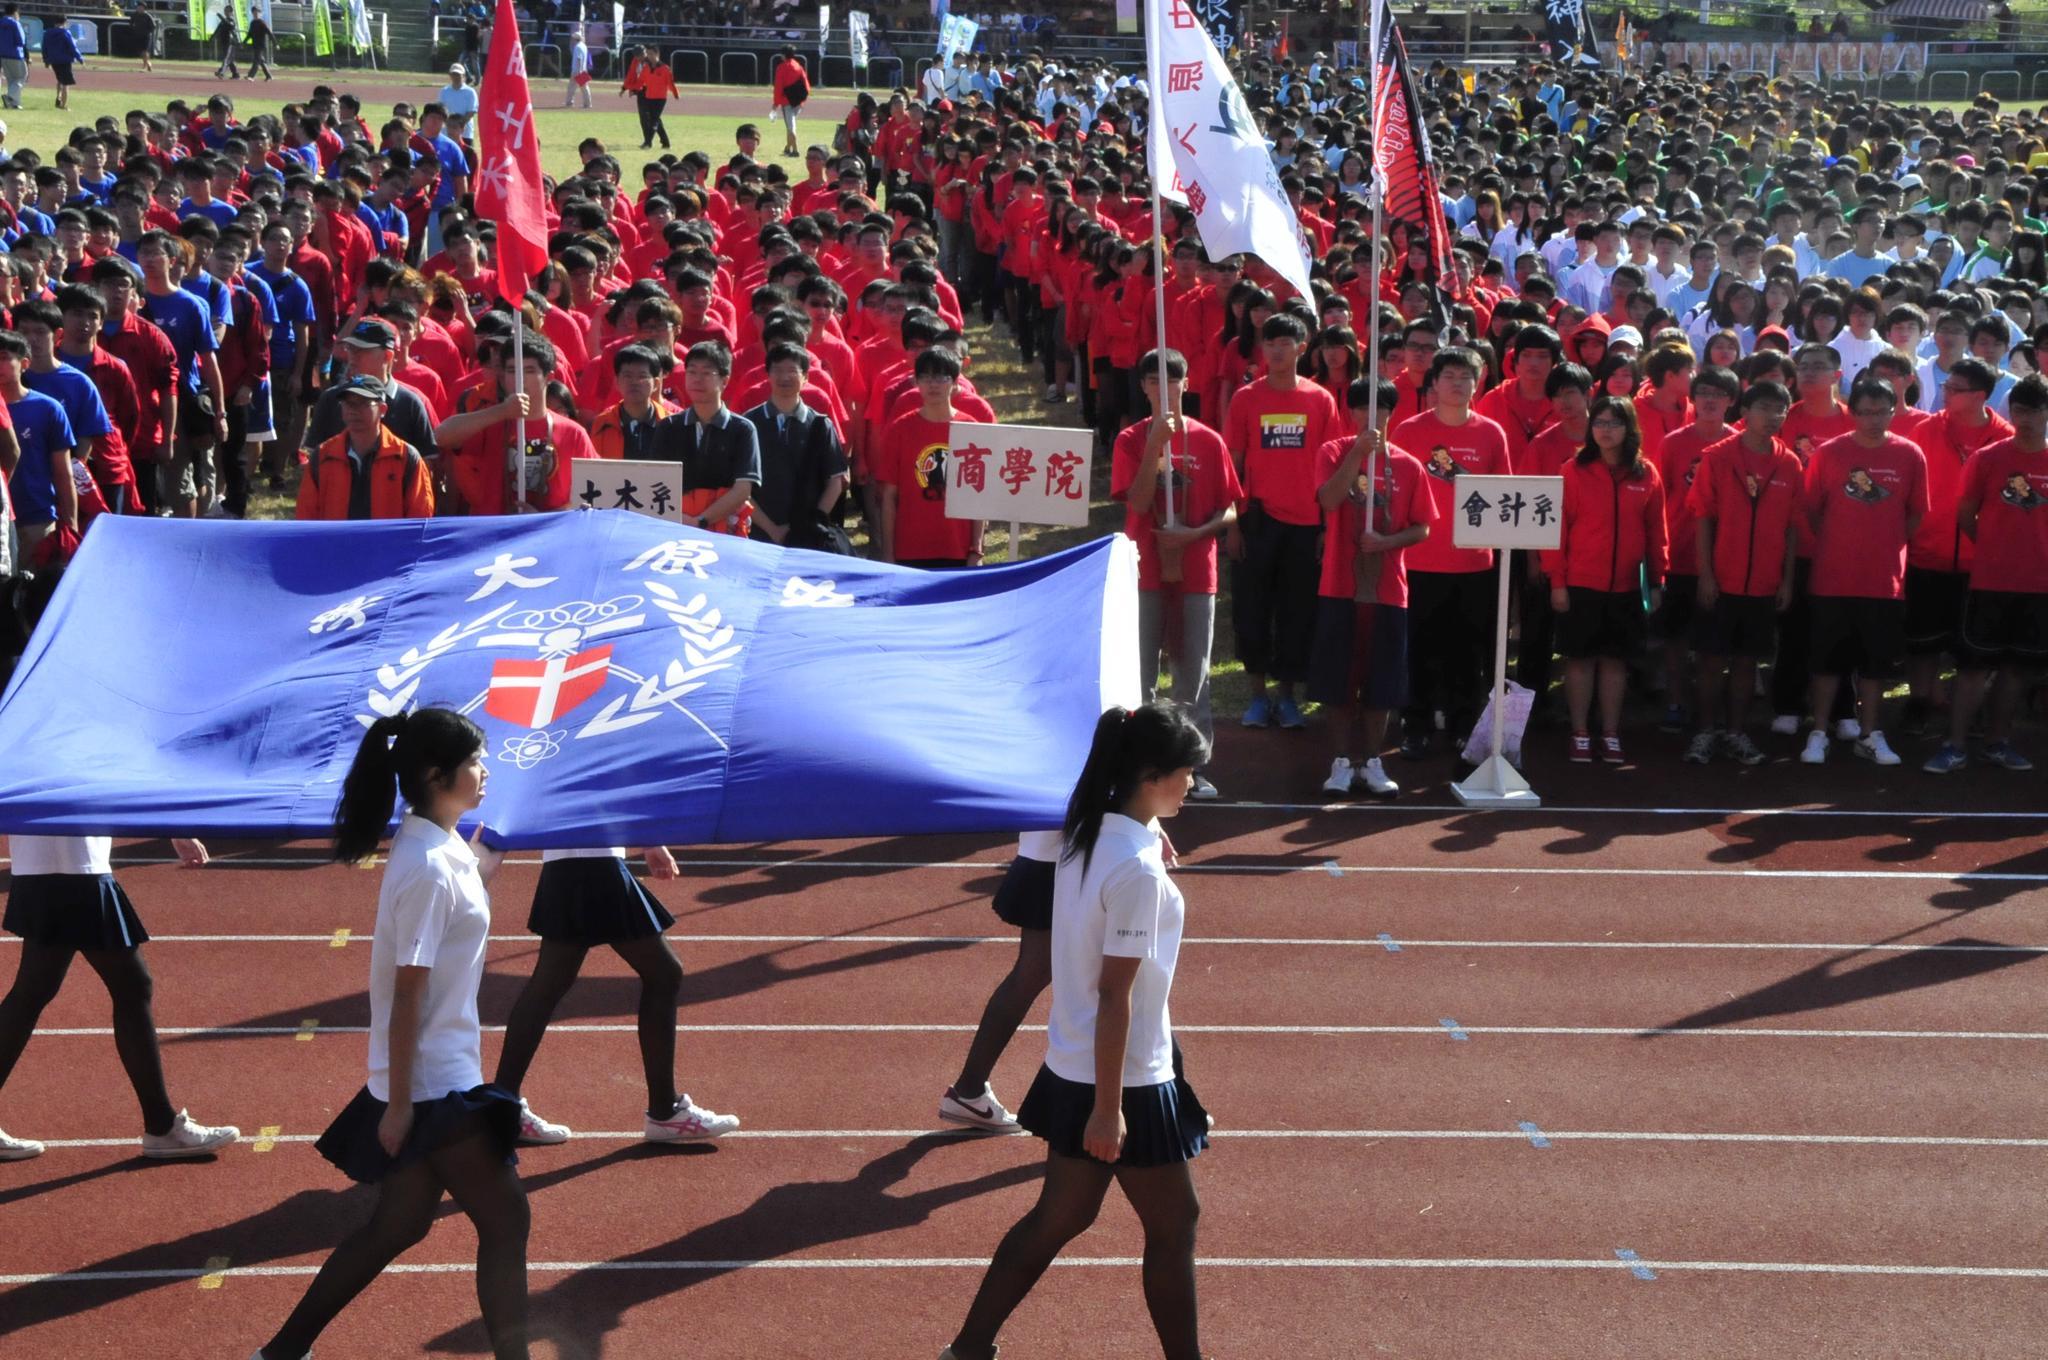 中原大學第57週年校慶 中原人齊聚普仁崗 歡度校友日